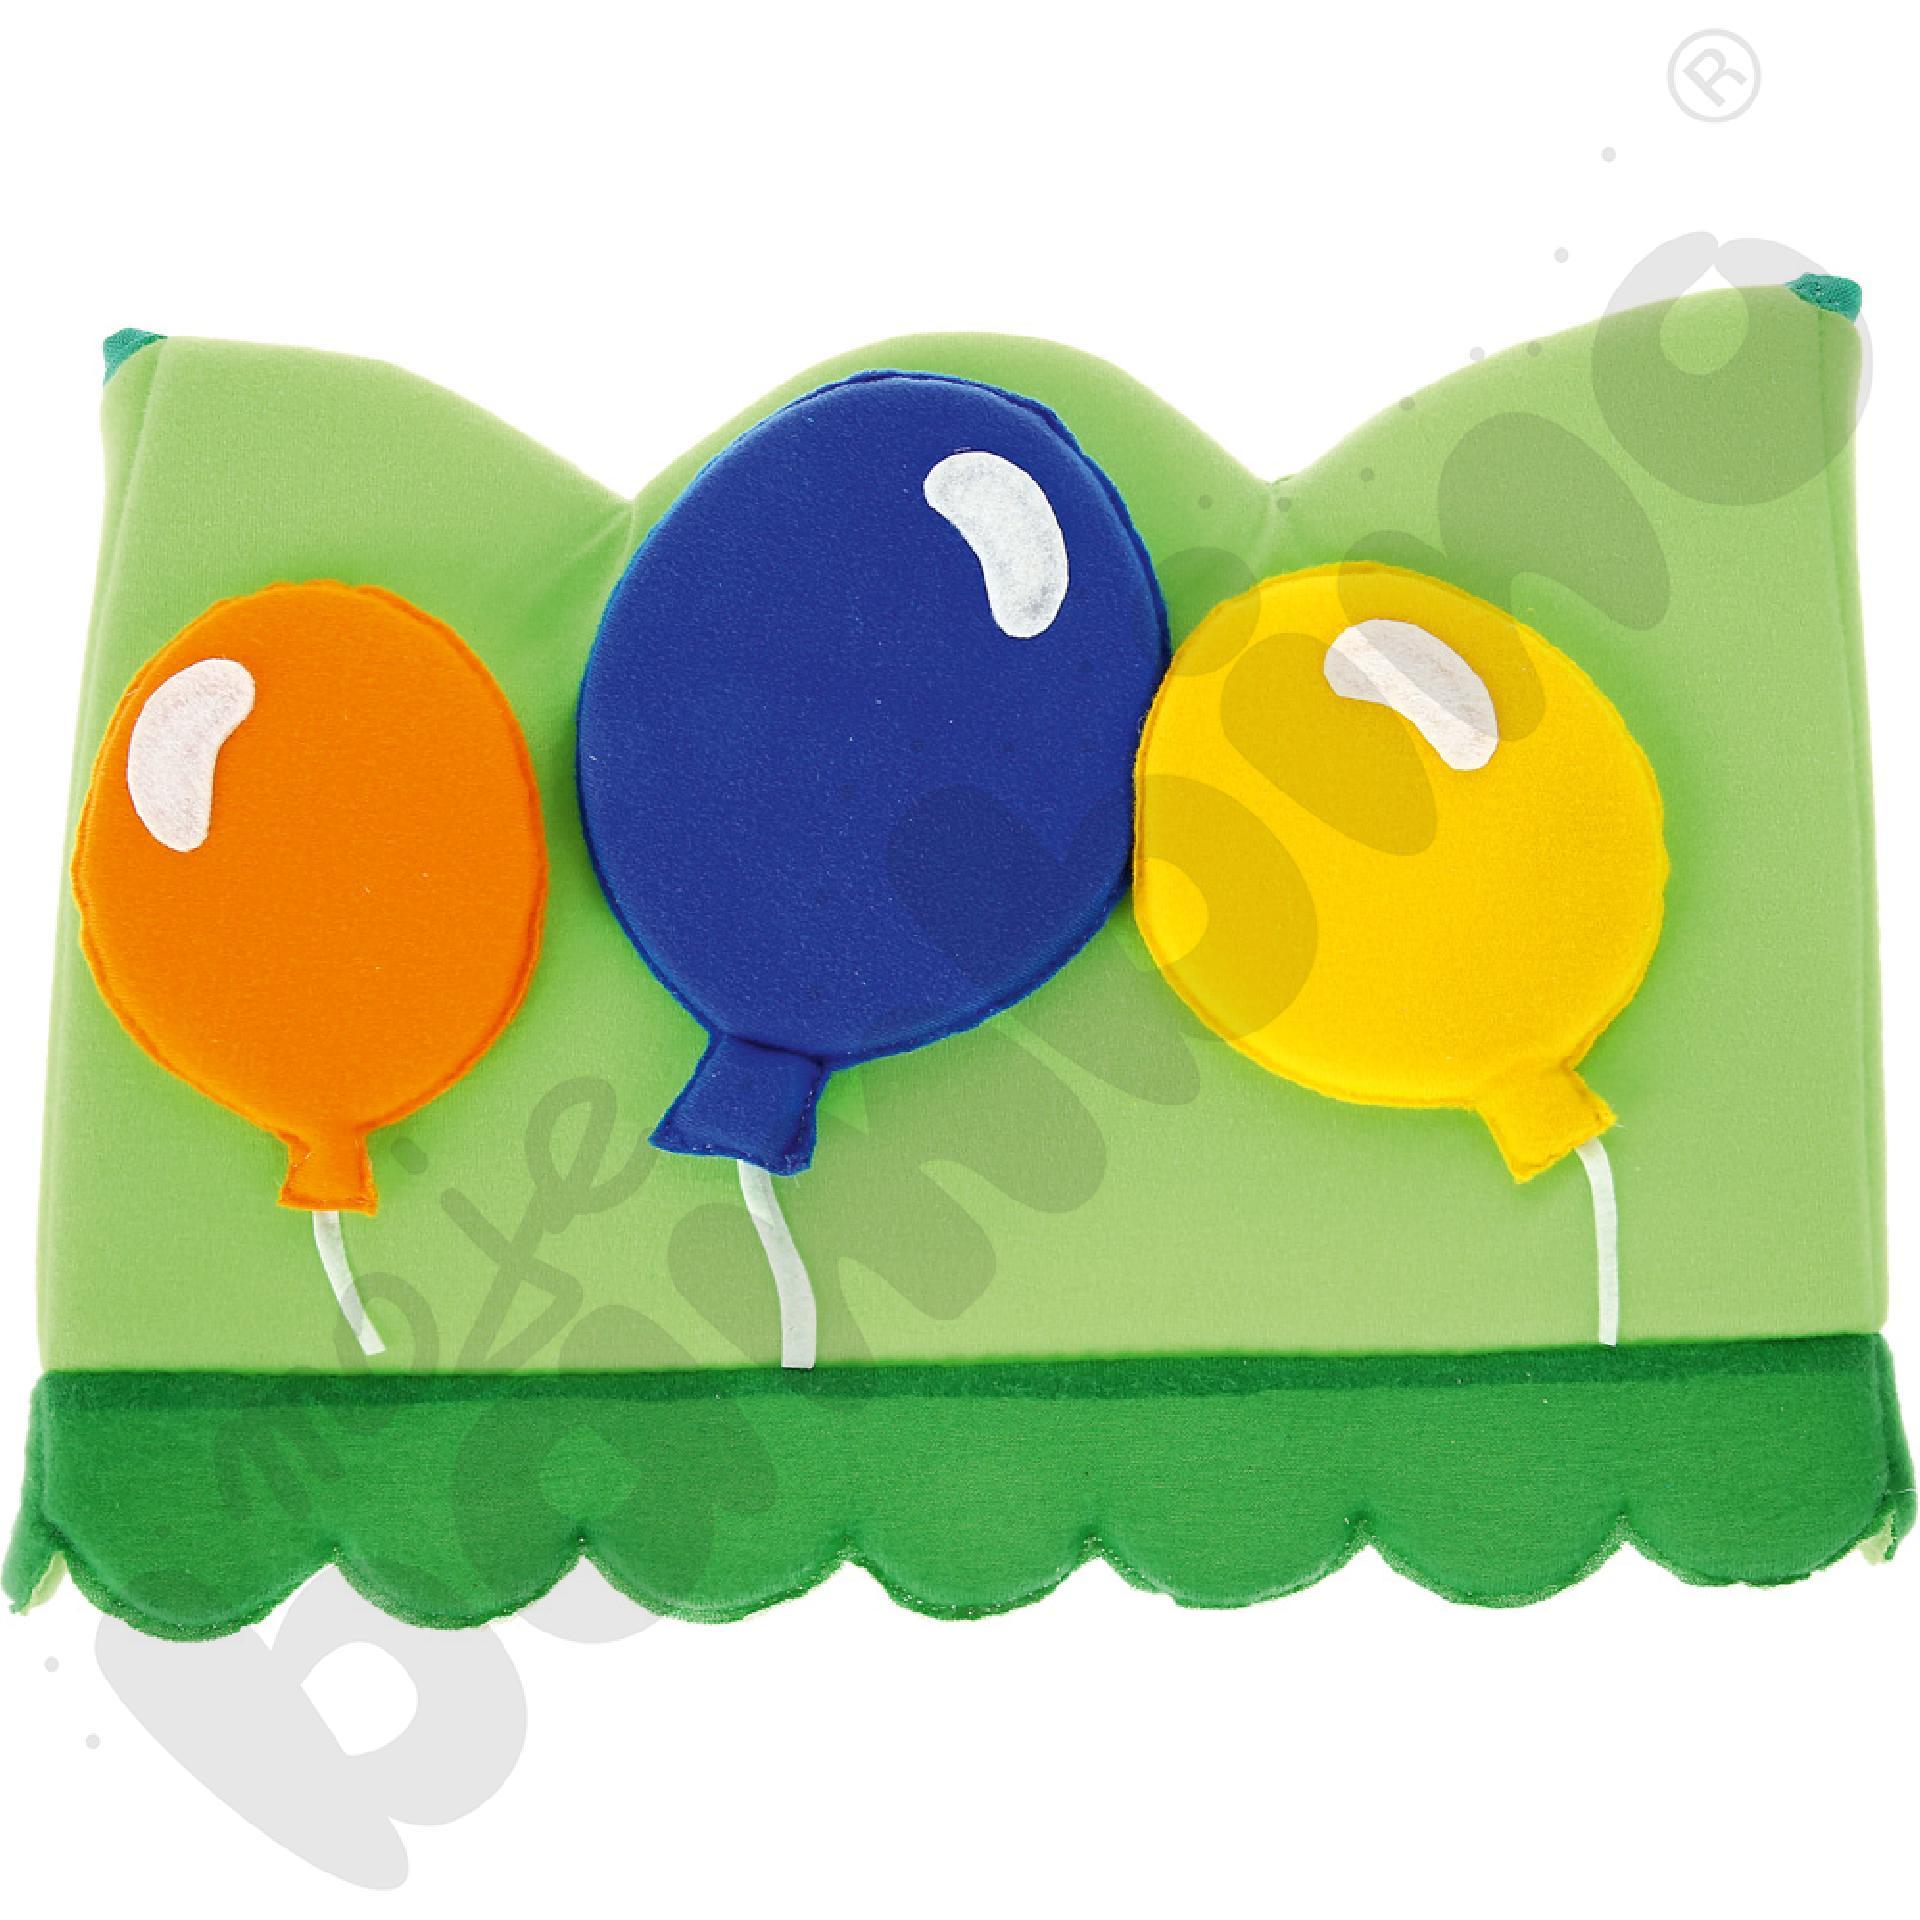 Dekoracje urodzinowe na krzesełko - balony